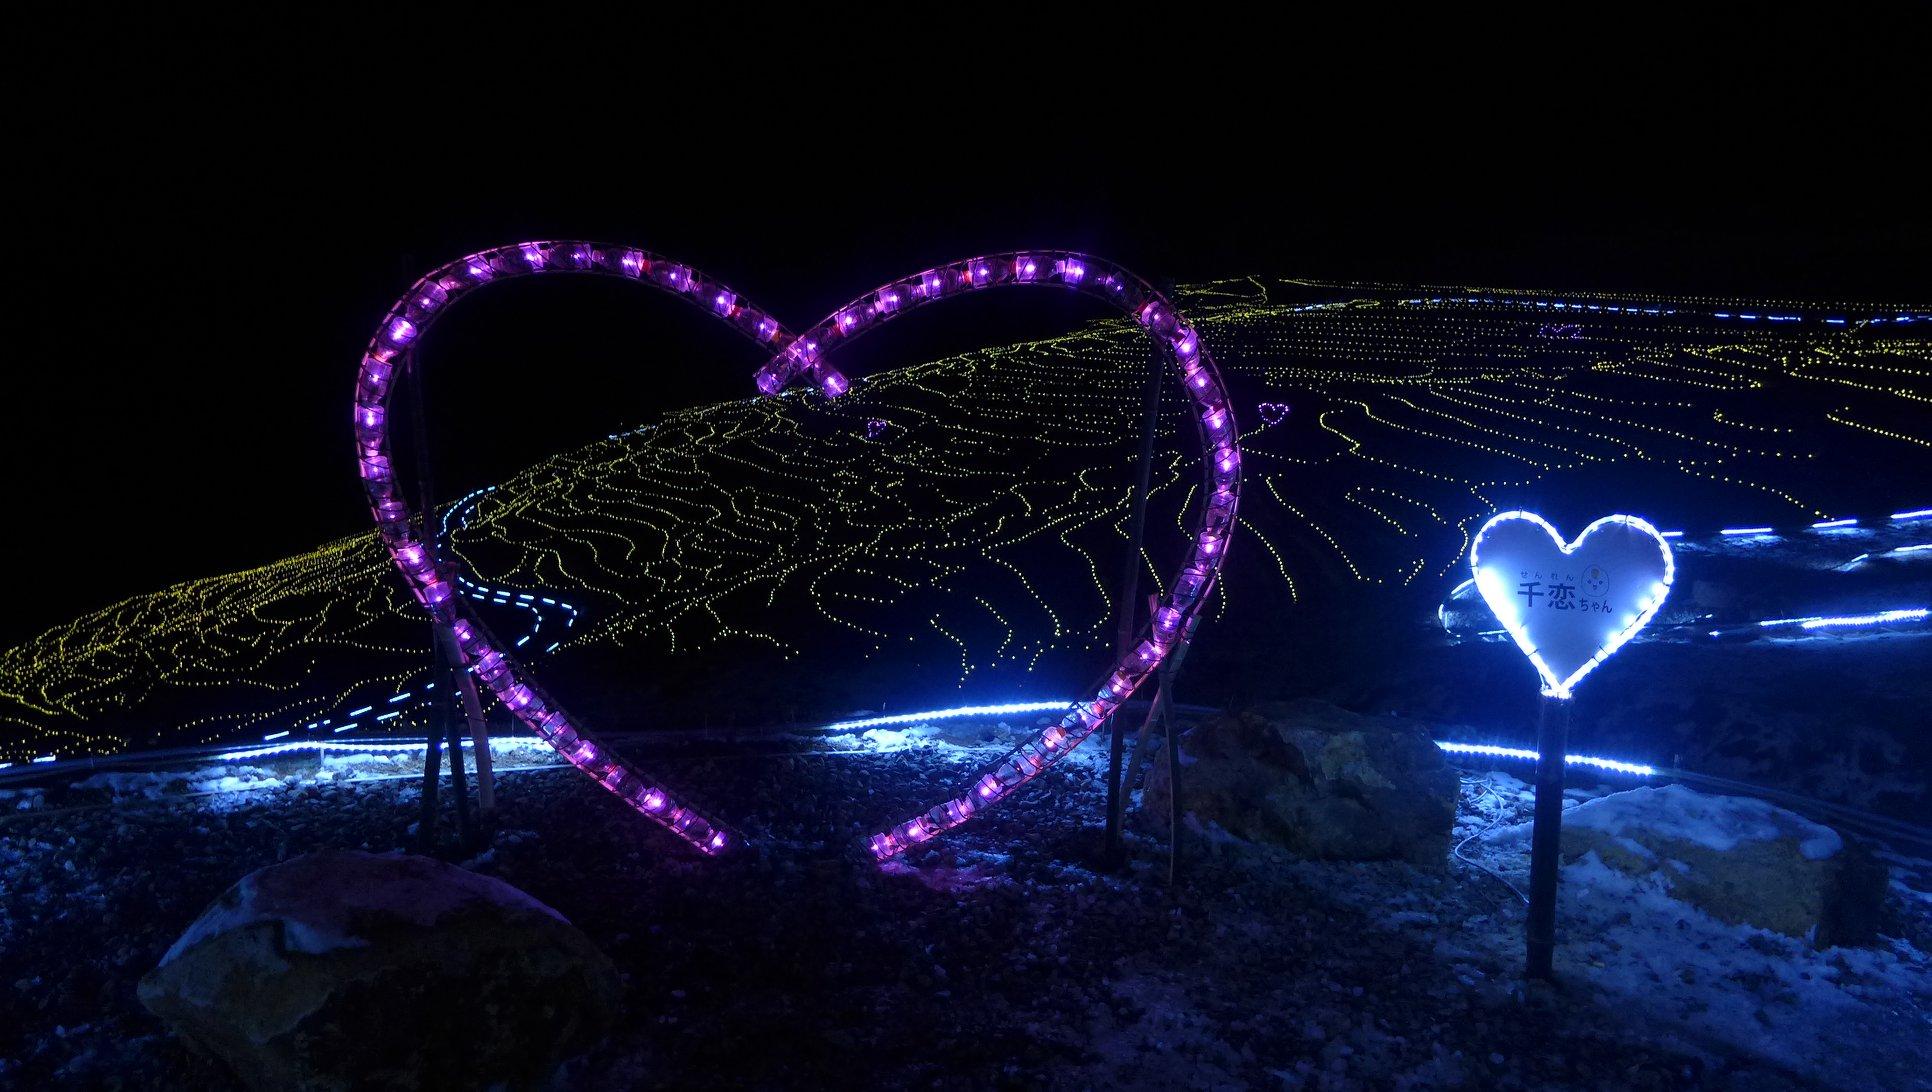 白米千枚田「あぜのきらめき」でバレンタイン♡期間限定のロマンティックイベント!【輪島】